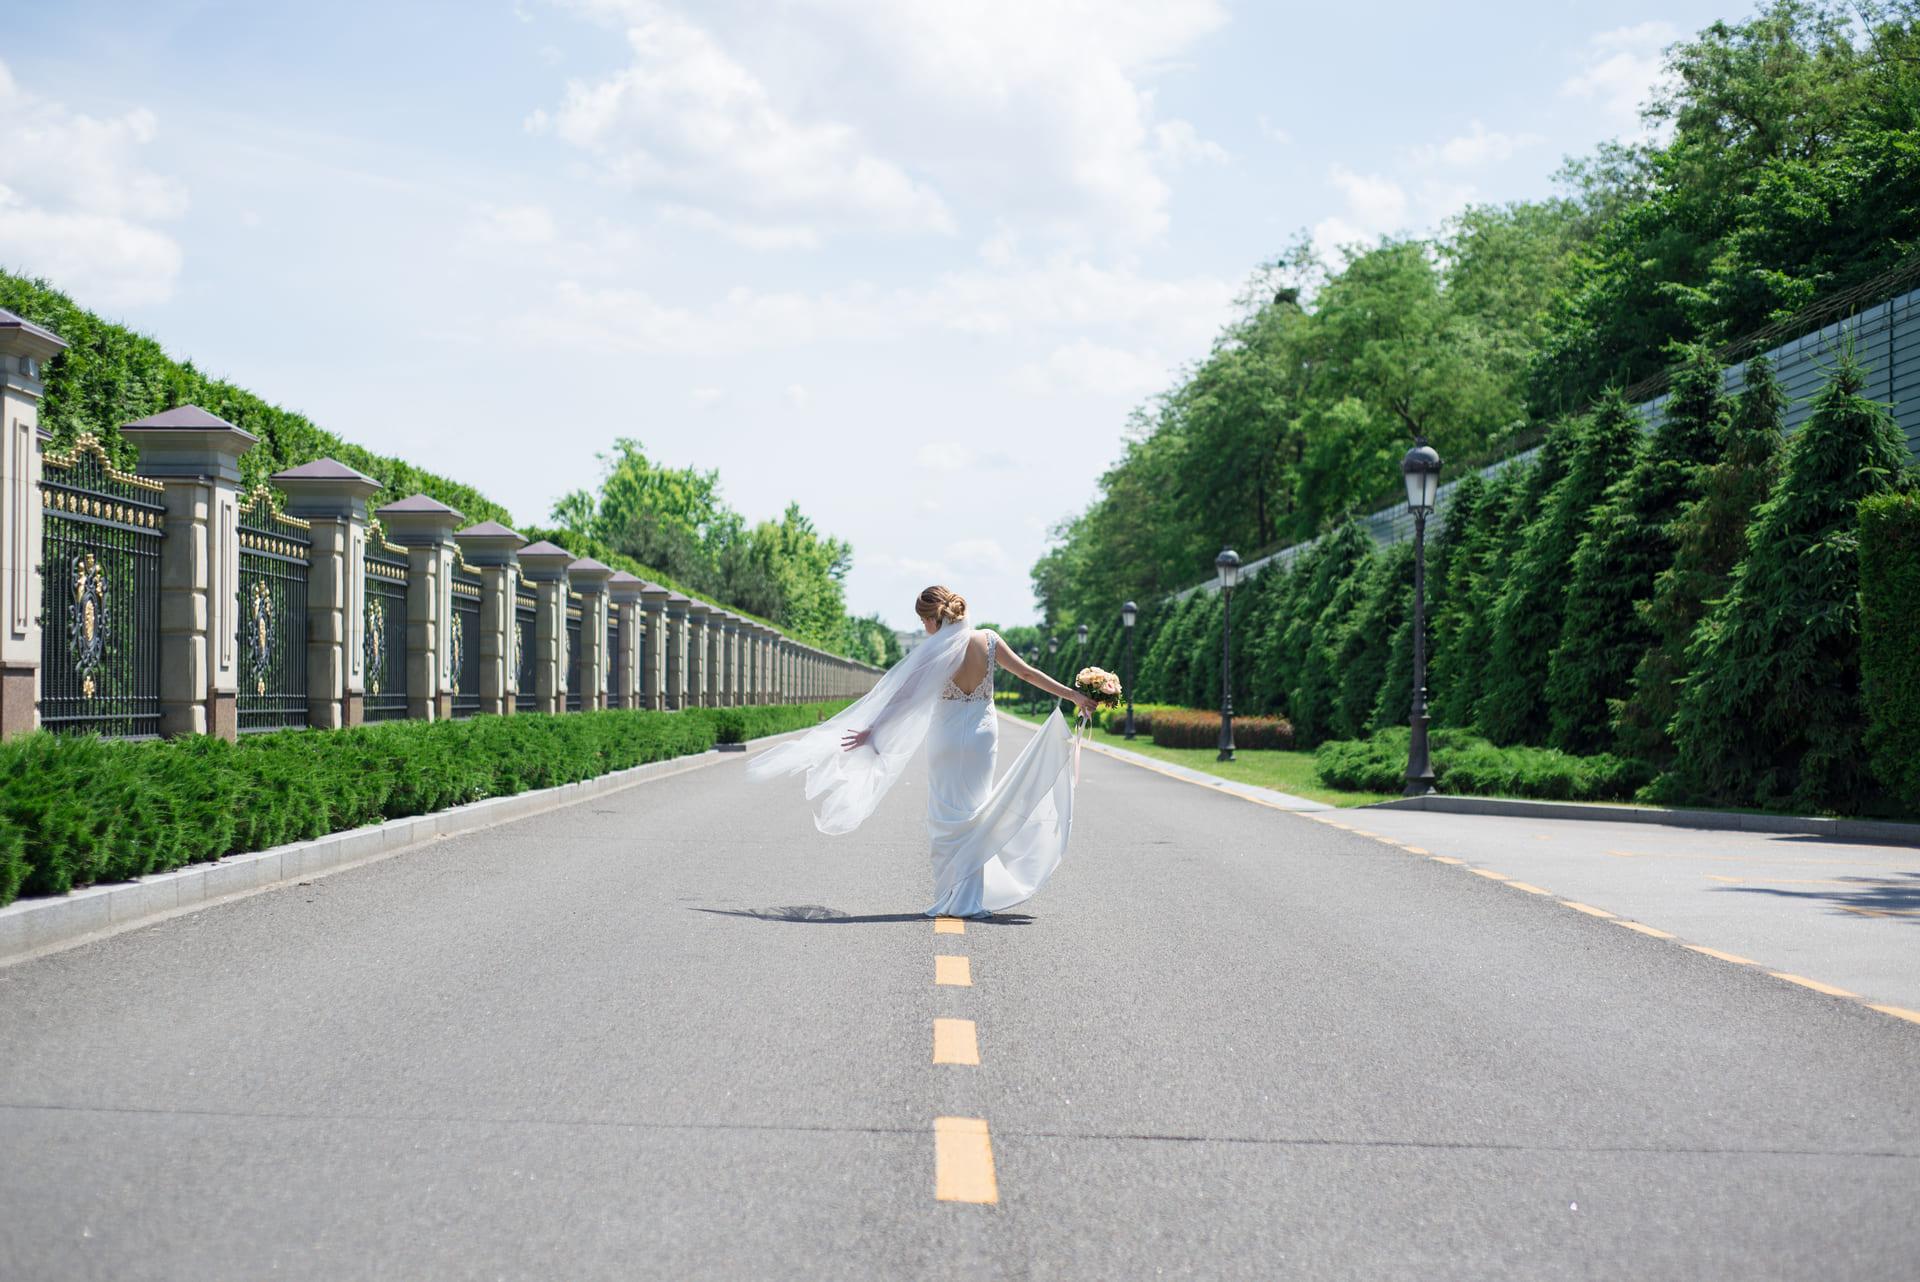 Свадебная фотосессия в Межигорье: Невеста идет по дороге